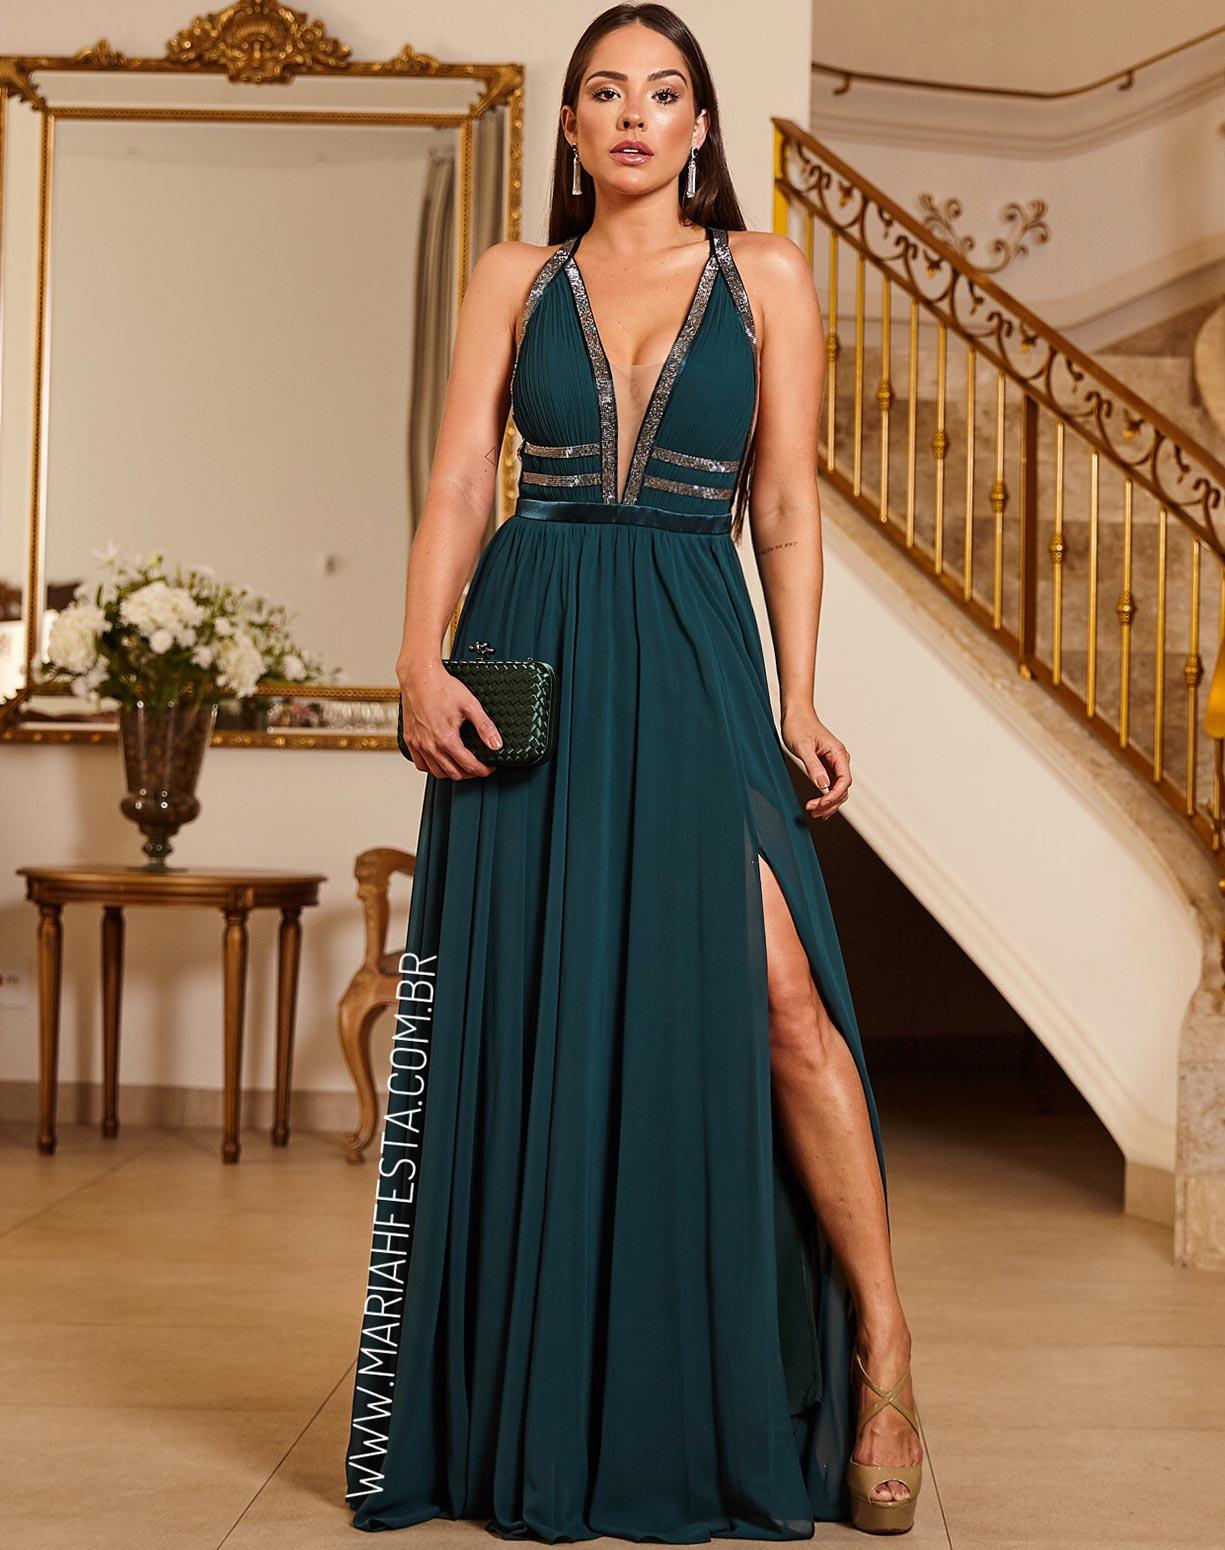 Vestido Verde Esmeralda com Busto Plissado e Detalhes em Brilho